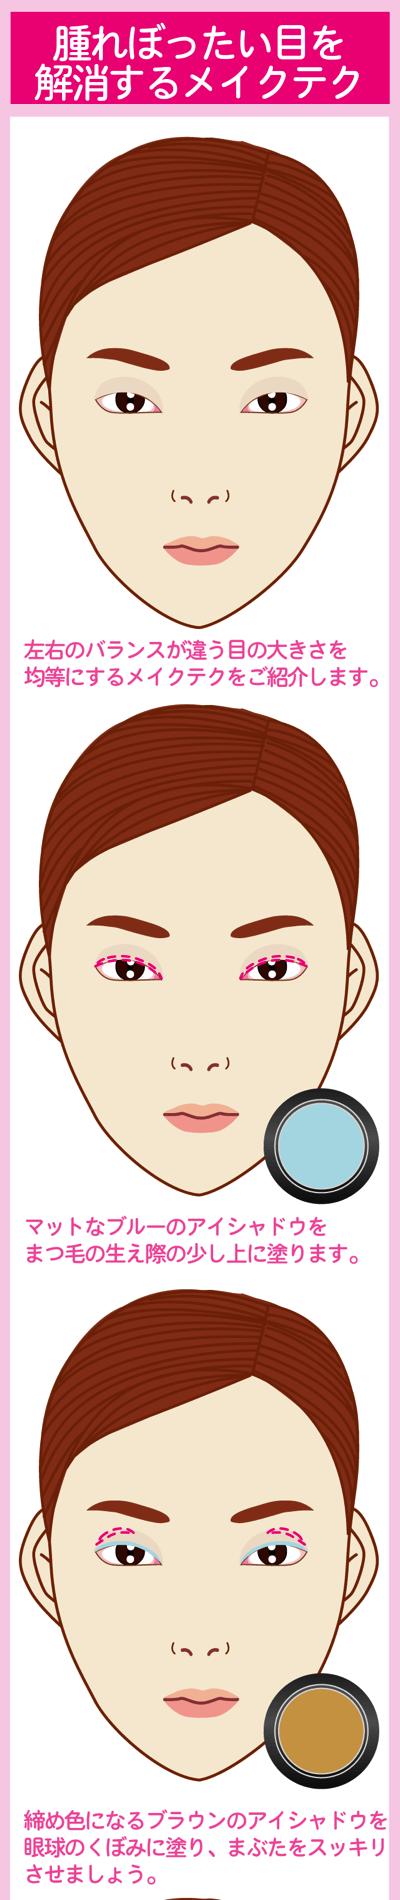 腫れぼったい目を解消するメイクテクでお悩み解消1